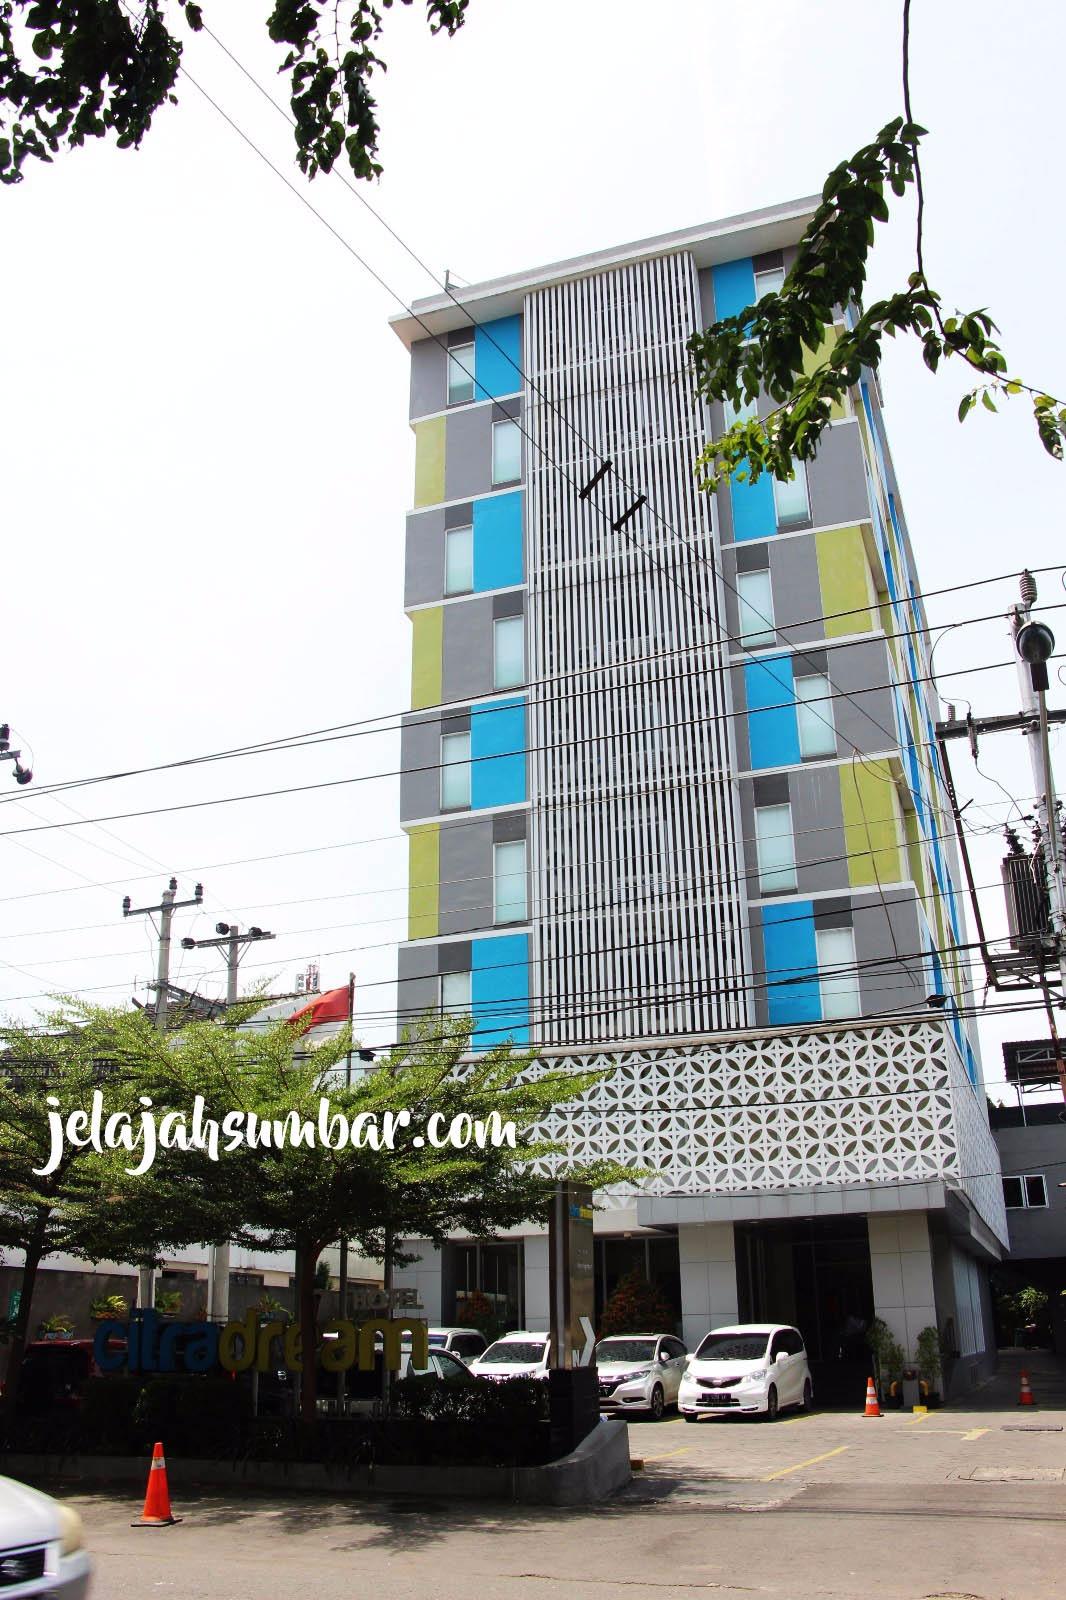 Hotel Citradream Semarang Berada Di Jalan Imam Bonjol Lokasinya Sangat Dekat Dengan Salah Satu Ikon Kota Yaitu Tugu Muda Dan Lawang Sewu